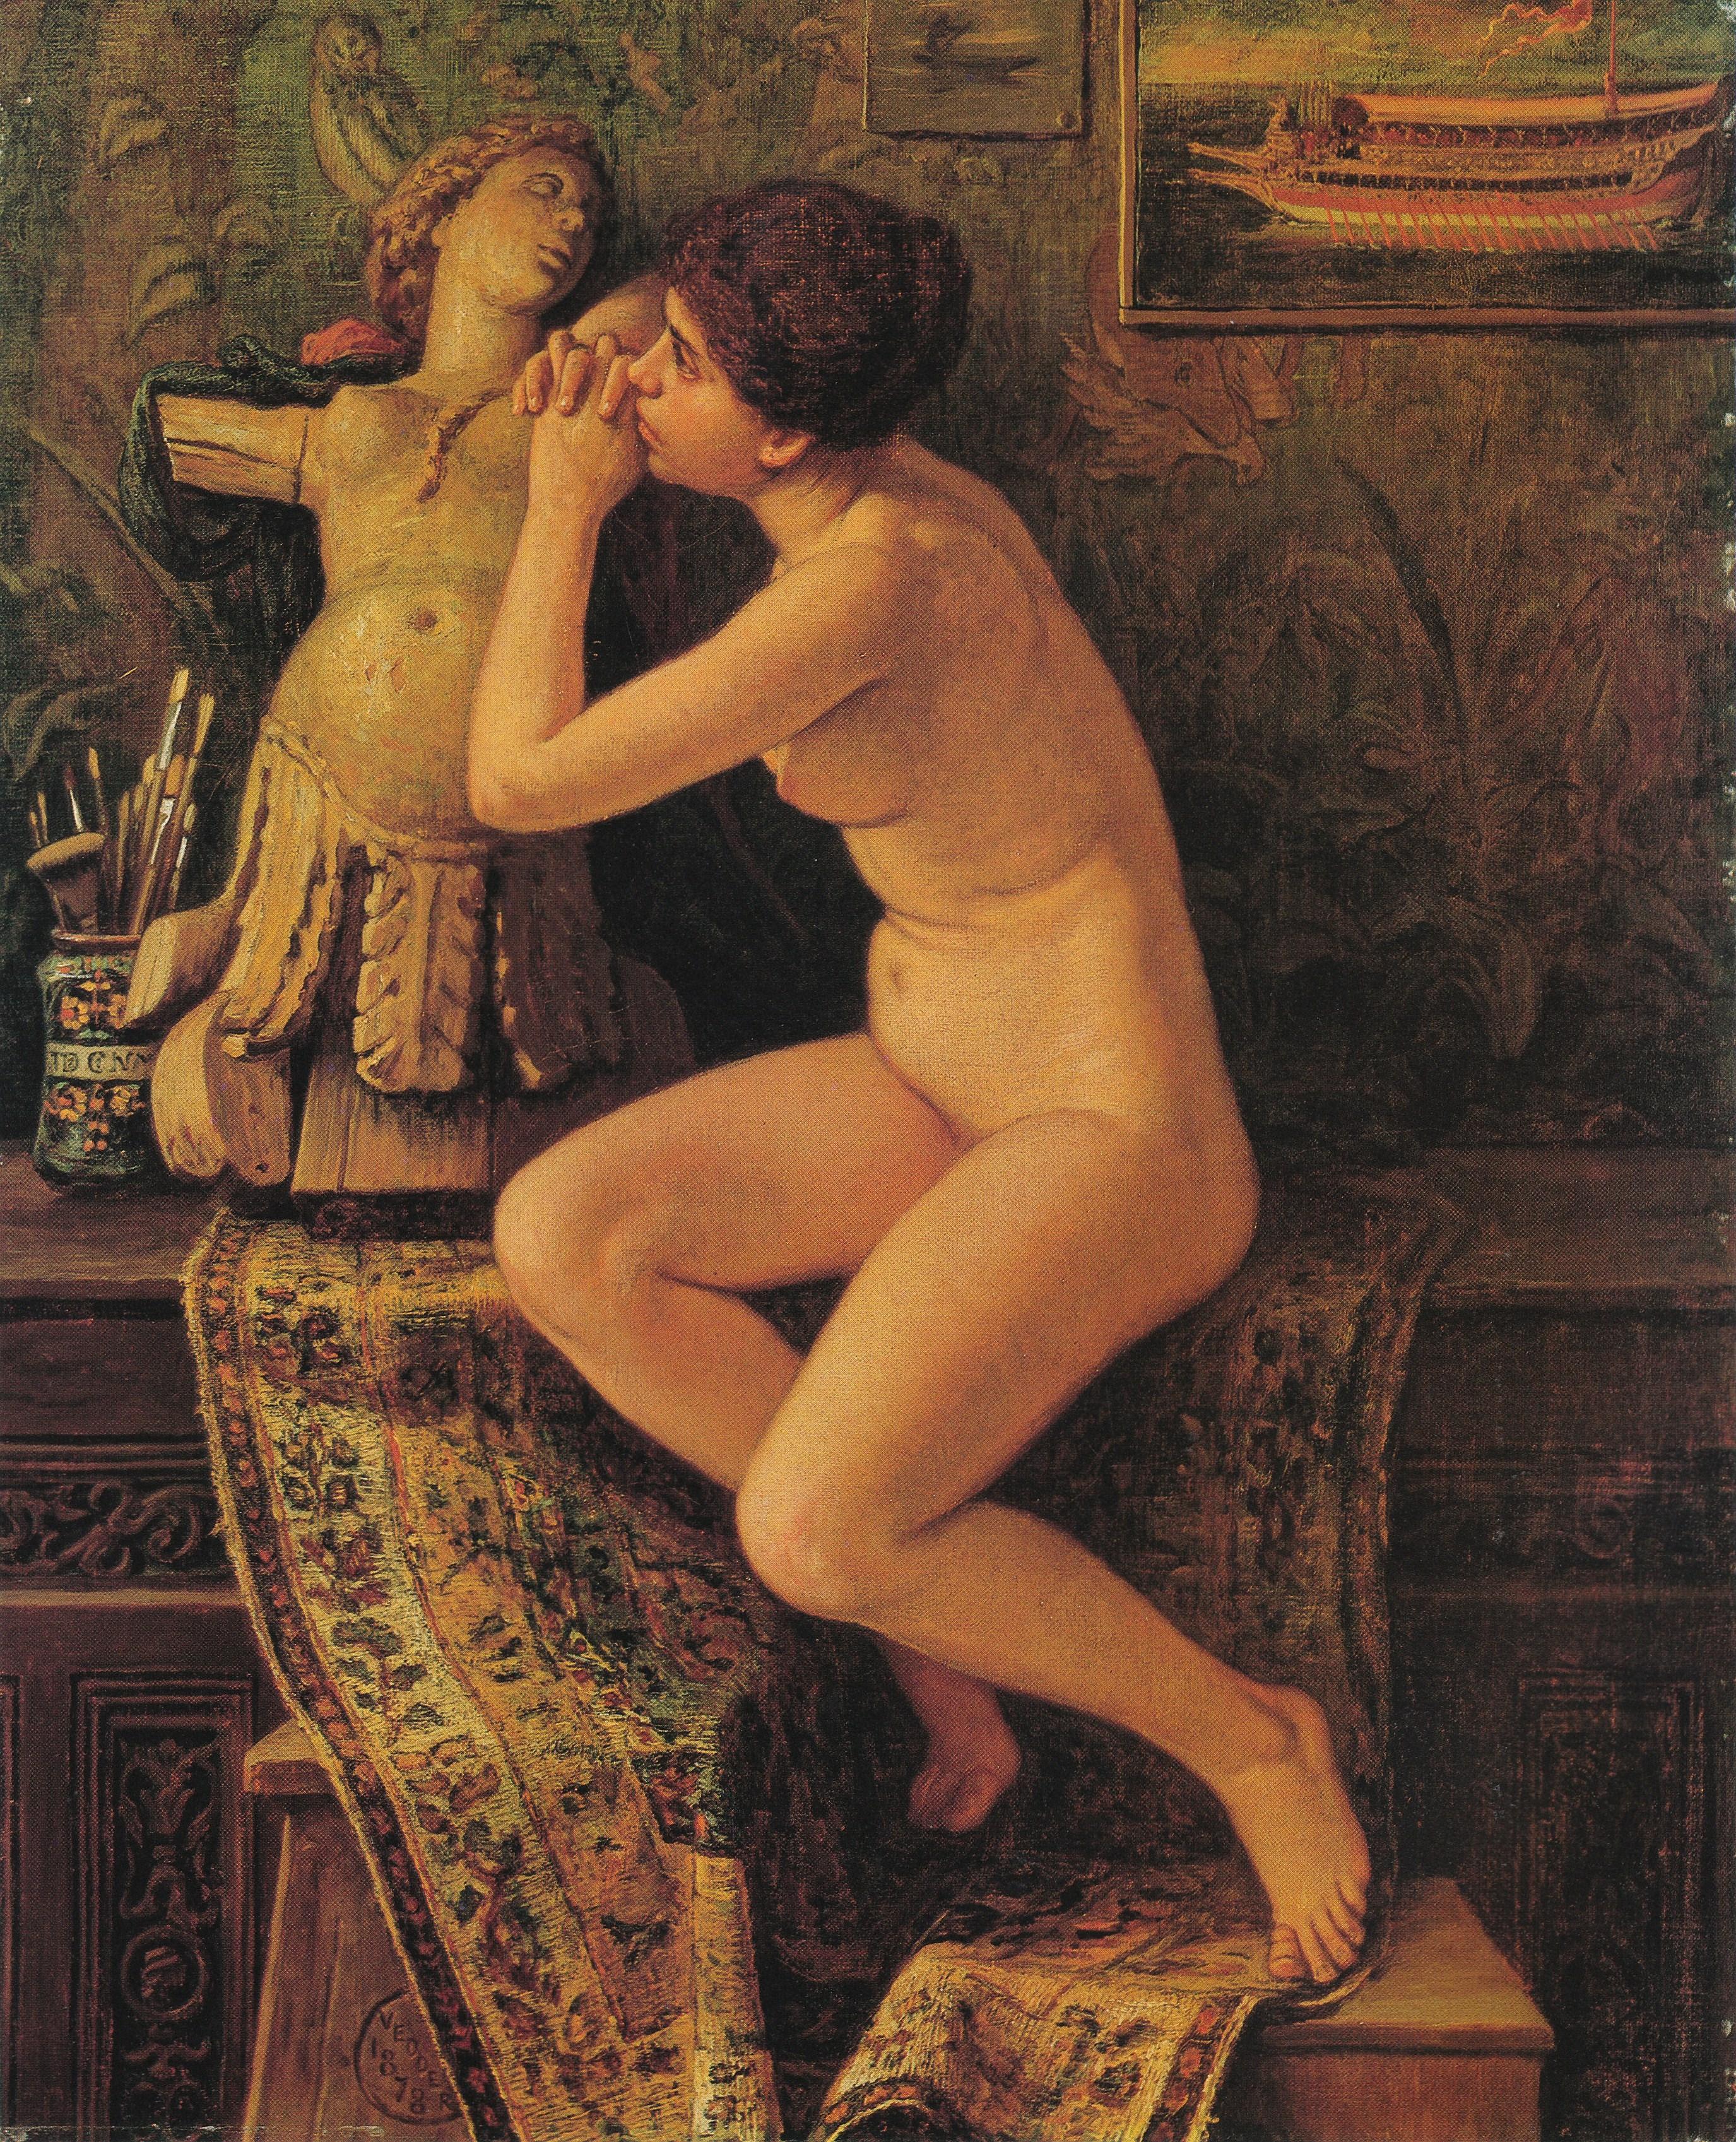 Elihu Vedder, 1836-1923. Обнаженная венецианка. 1878. 45.7 х 37.8 см. Колумбус, музей Искусства